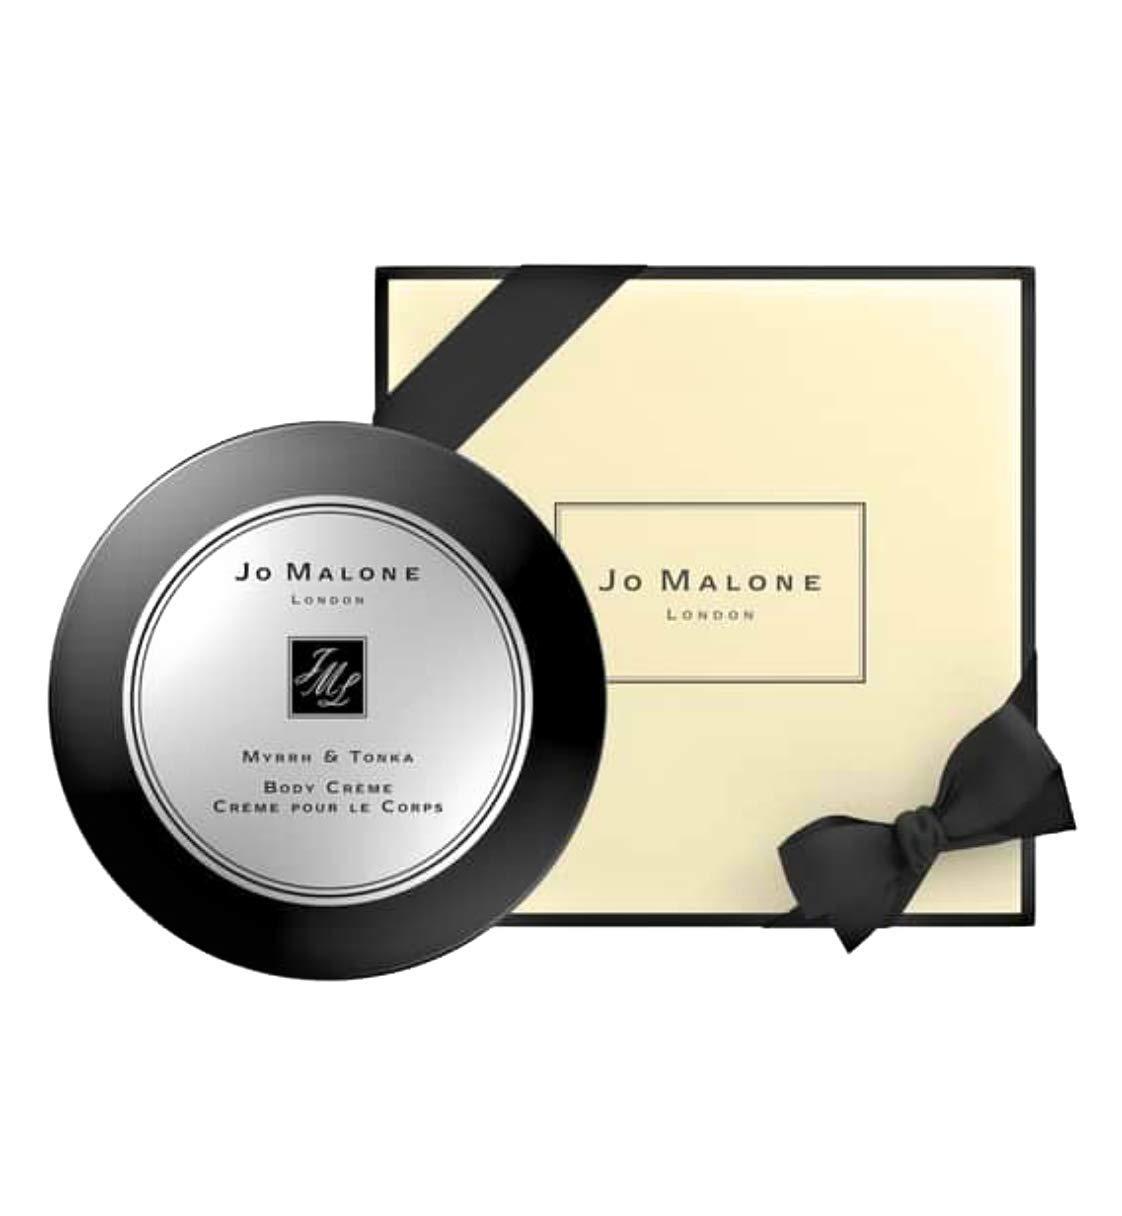 JO MALONE LONDON(ジョー マローン ロンドン) ミルラ & トンカ ボディ クレーム 175ml B07MLMY428